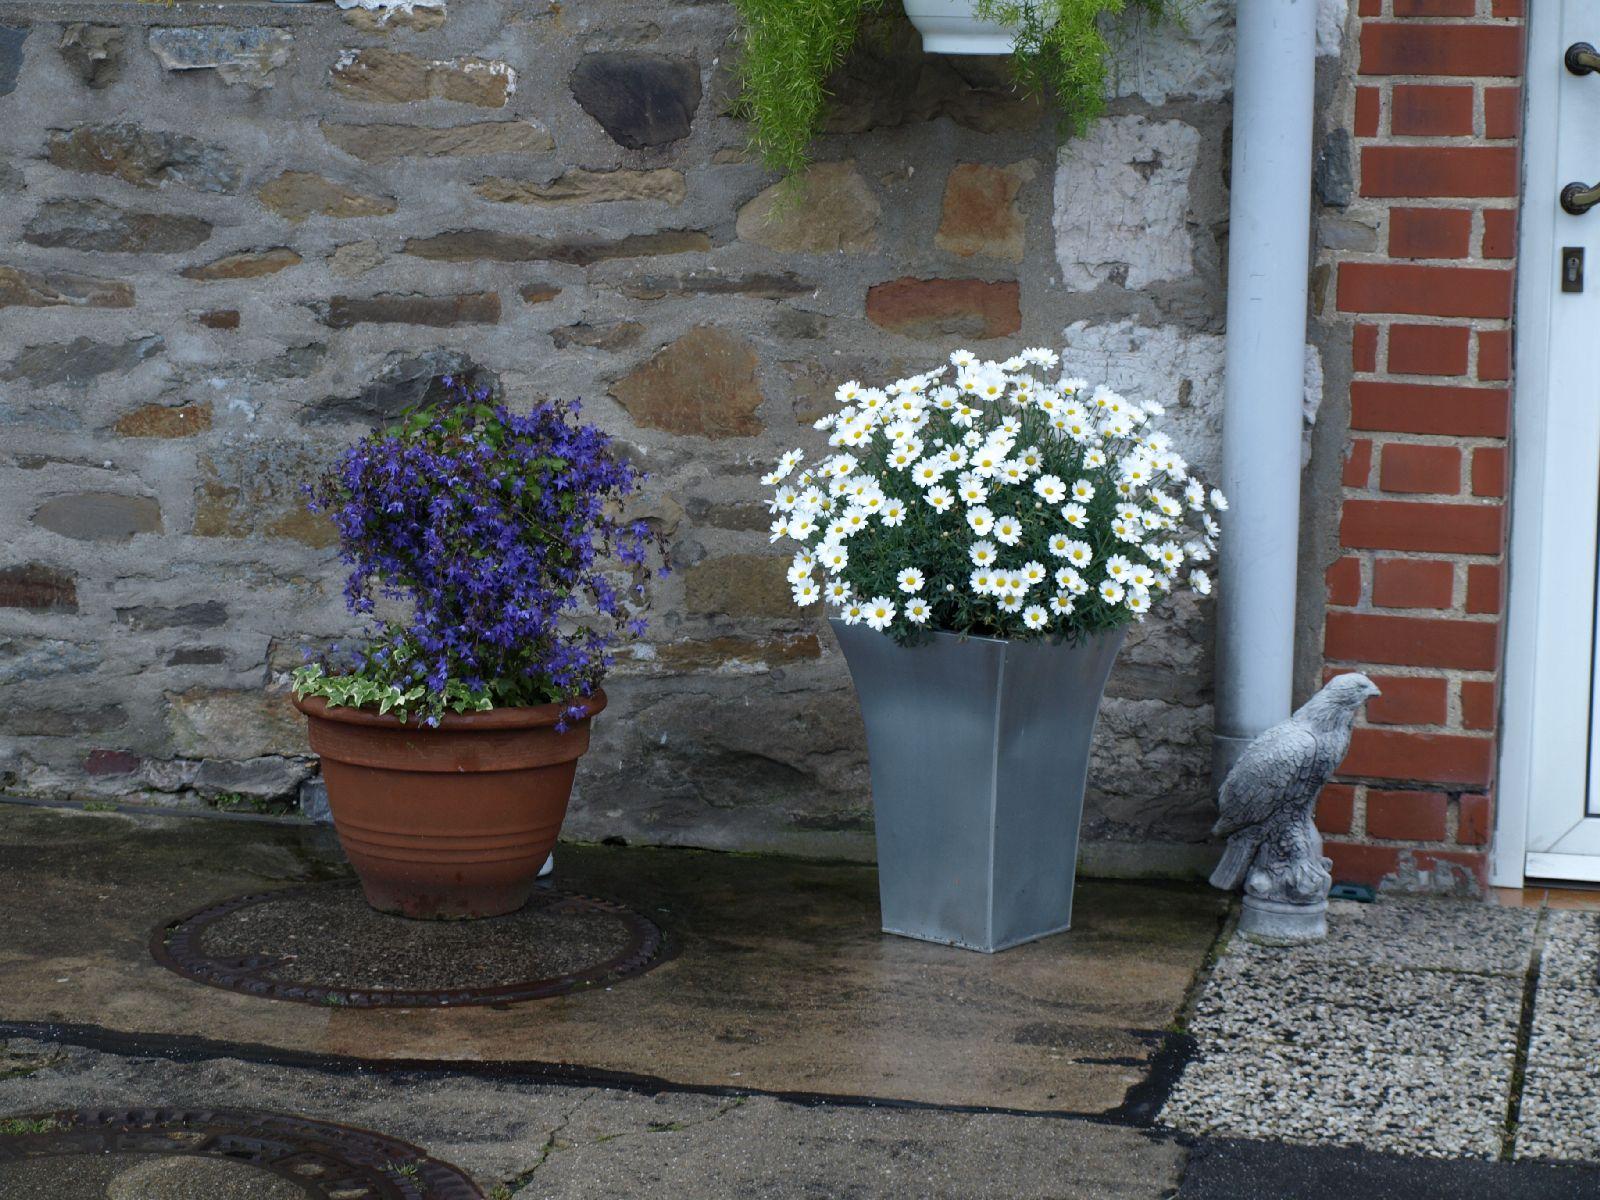 Pflanzen-Blumen-Foto_Textur_B_P6213548